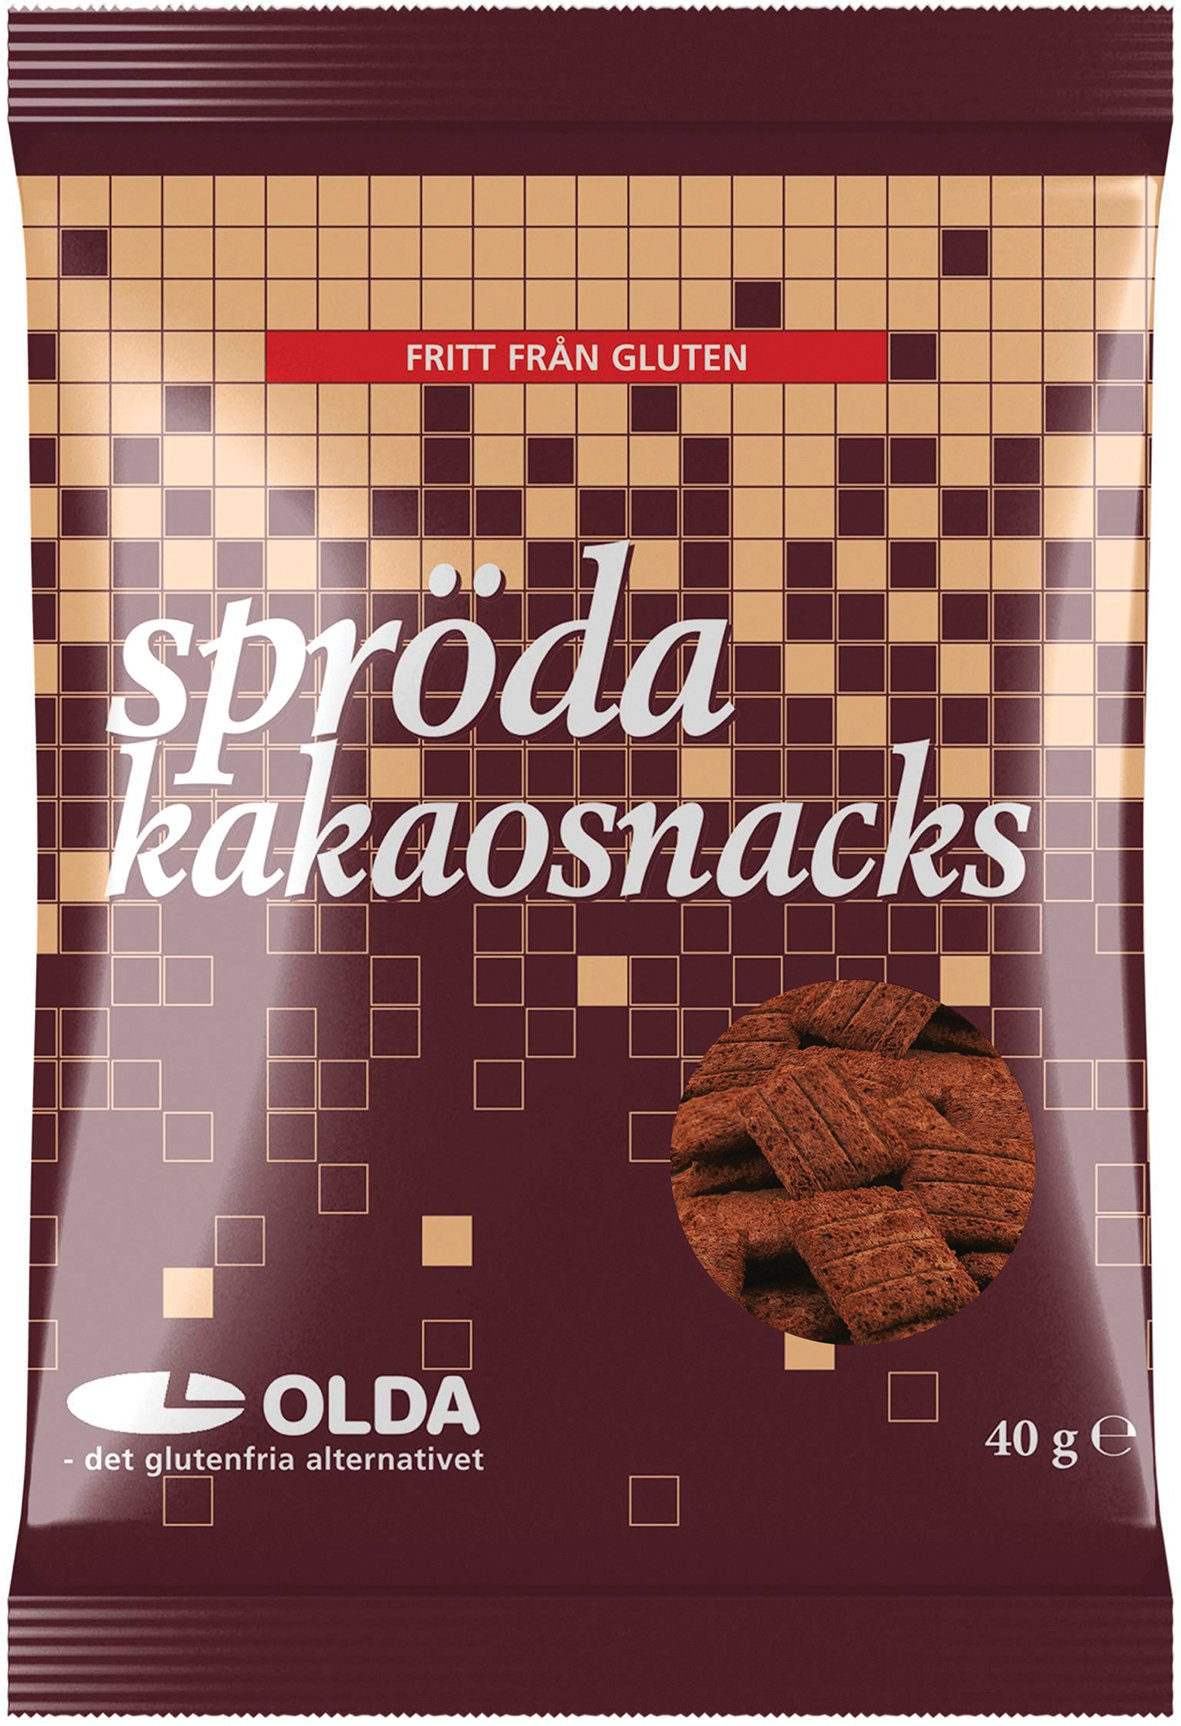 Chokladsnacks - 10% rabatt